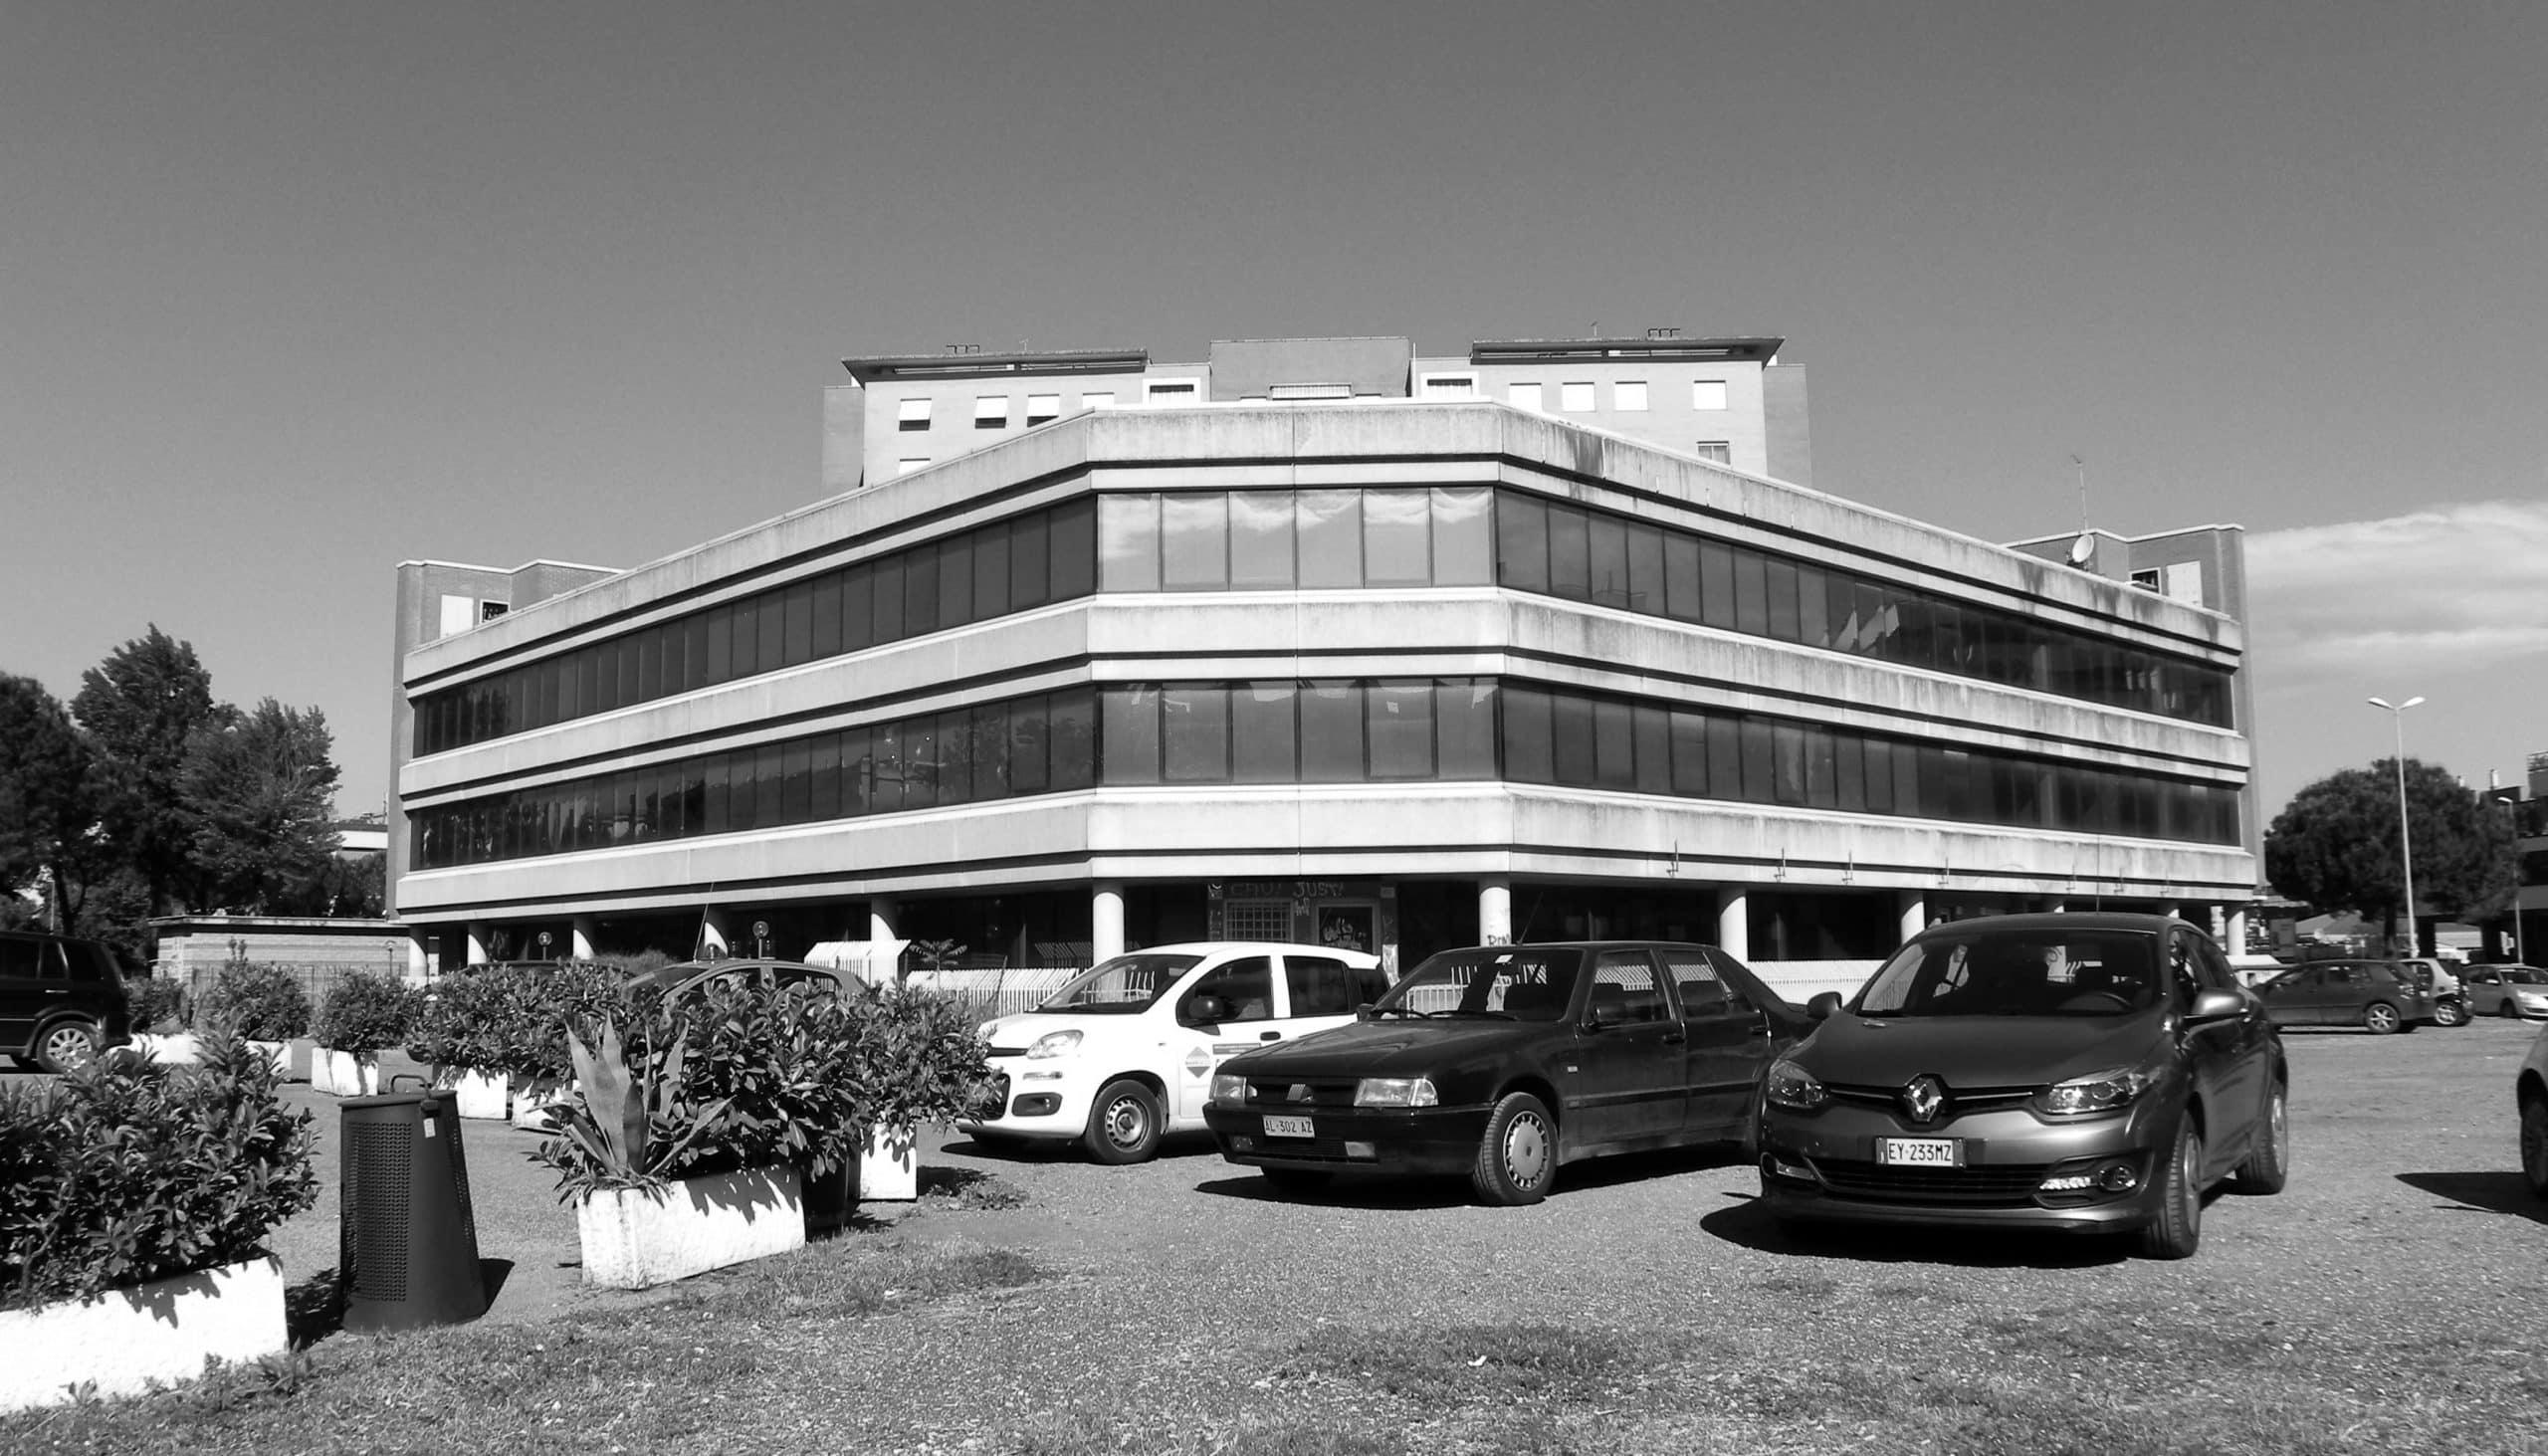 23 - Complesso residenziale per 216 alloggi e uffici nel PdZ Tiburtino Sud in via B. Bardanzellu, Roma - Vista esterna del blocco uffici